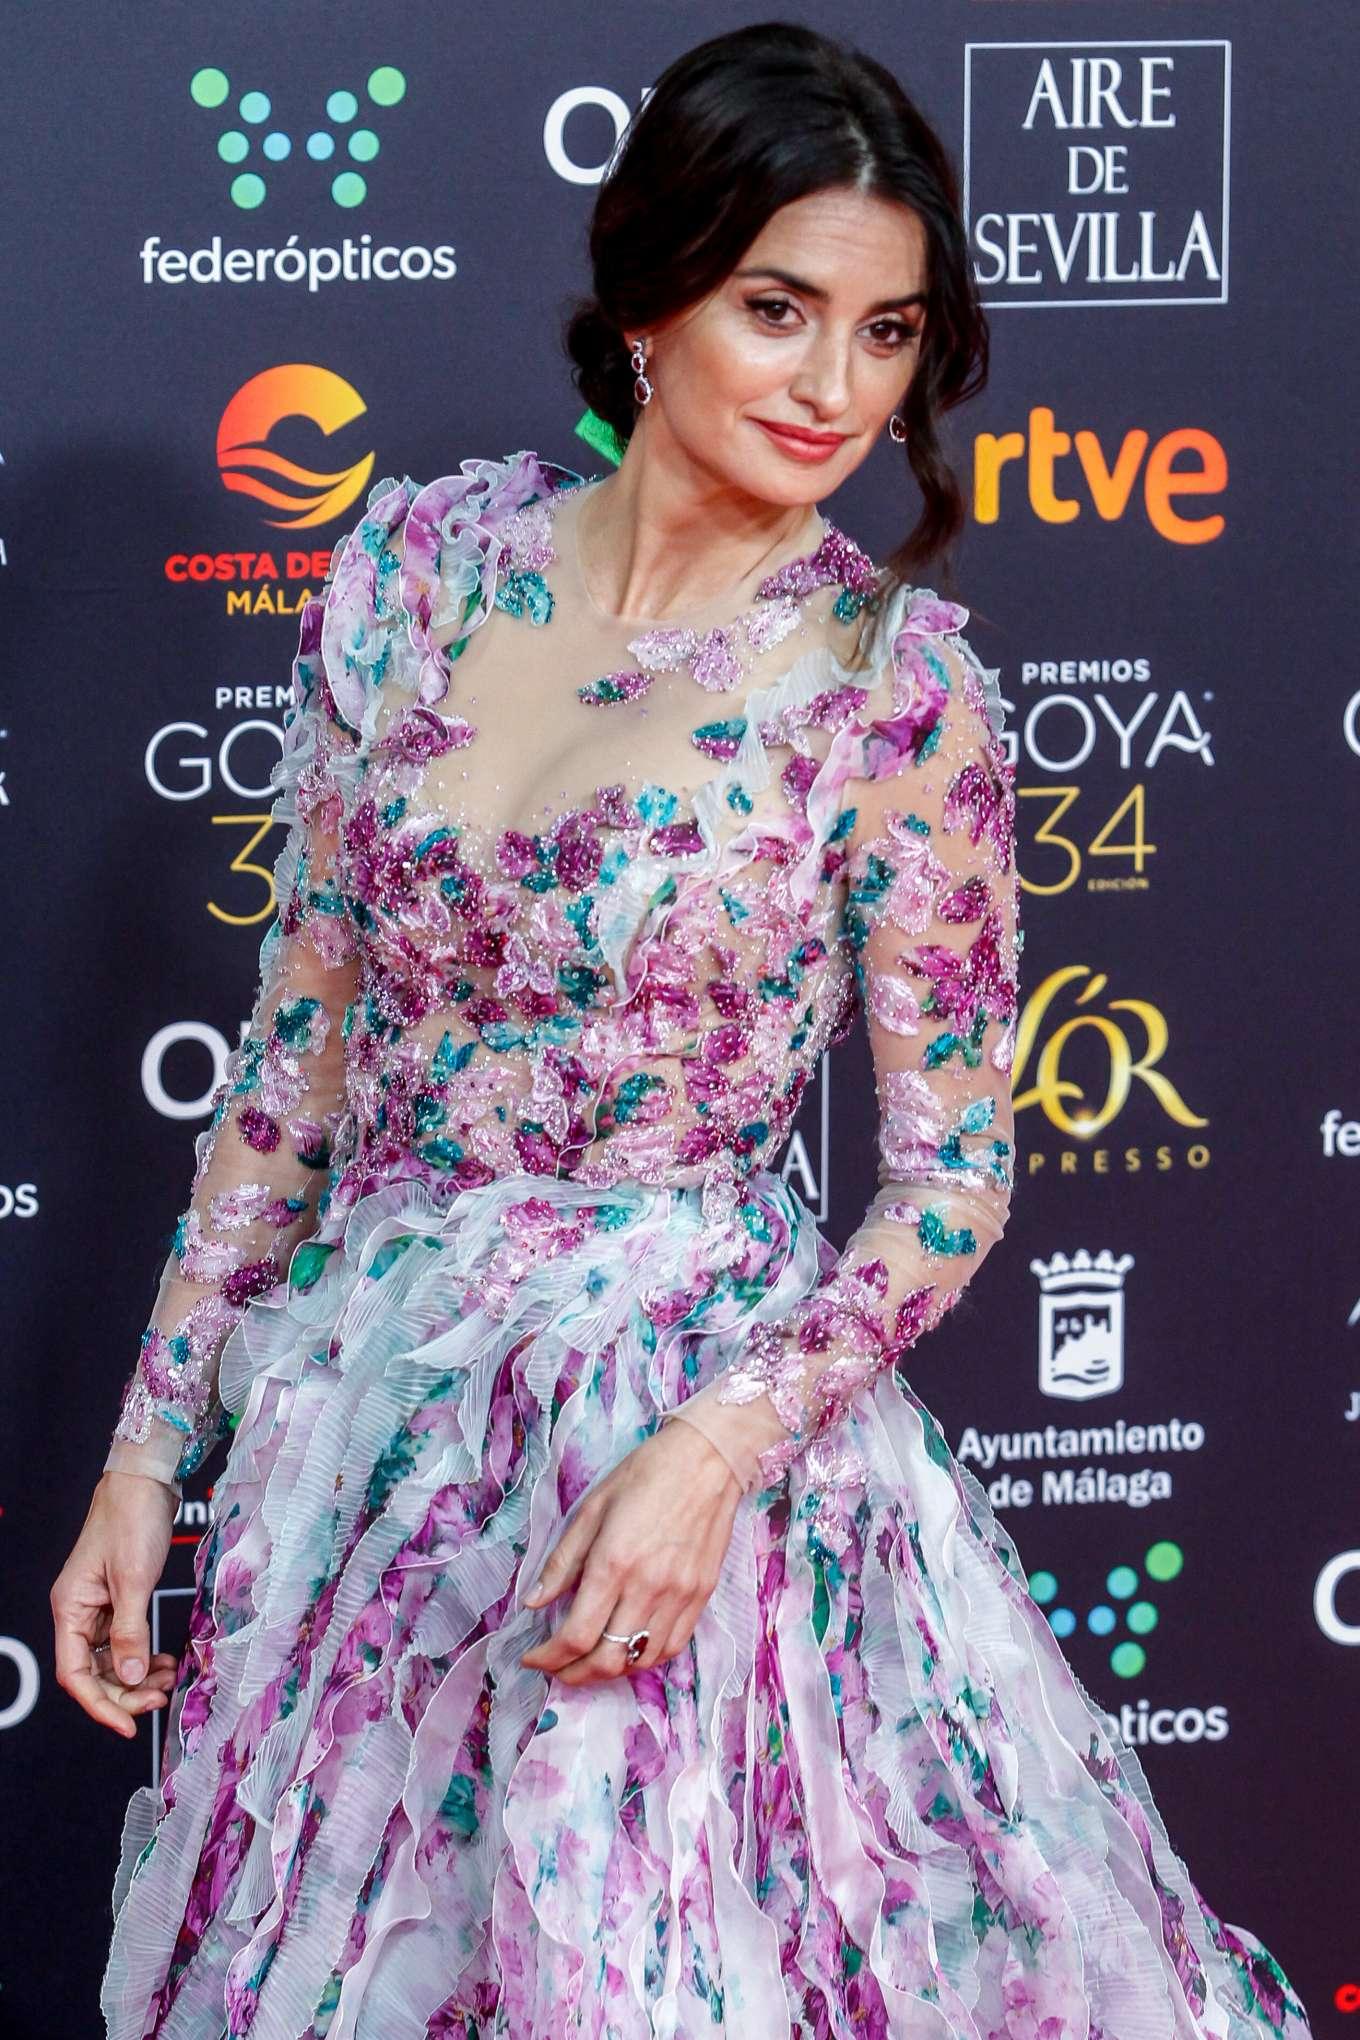 Penelope Cruz - 34th Goya Cinema Awards in Madrid